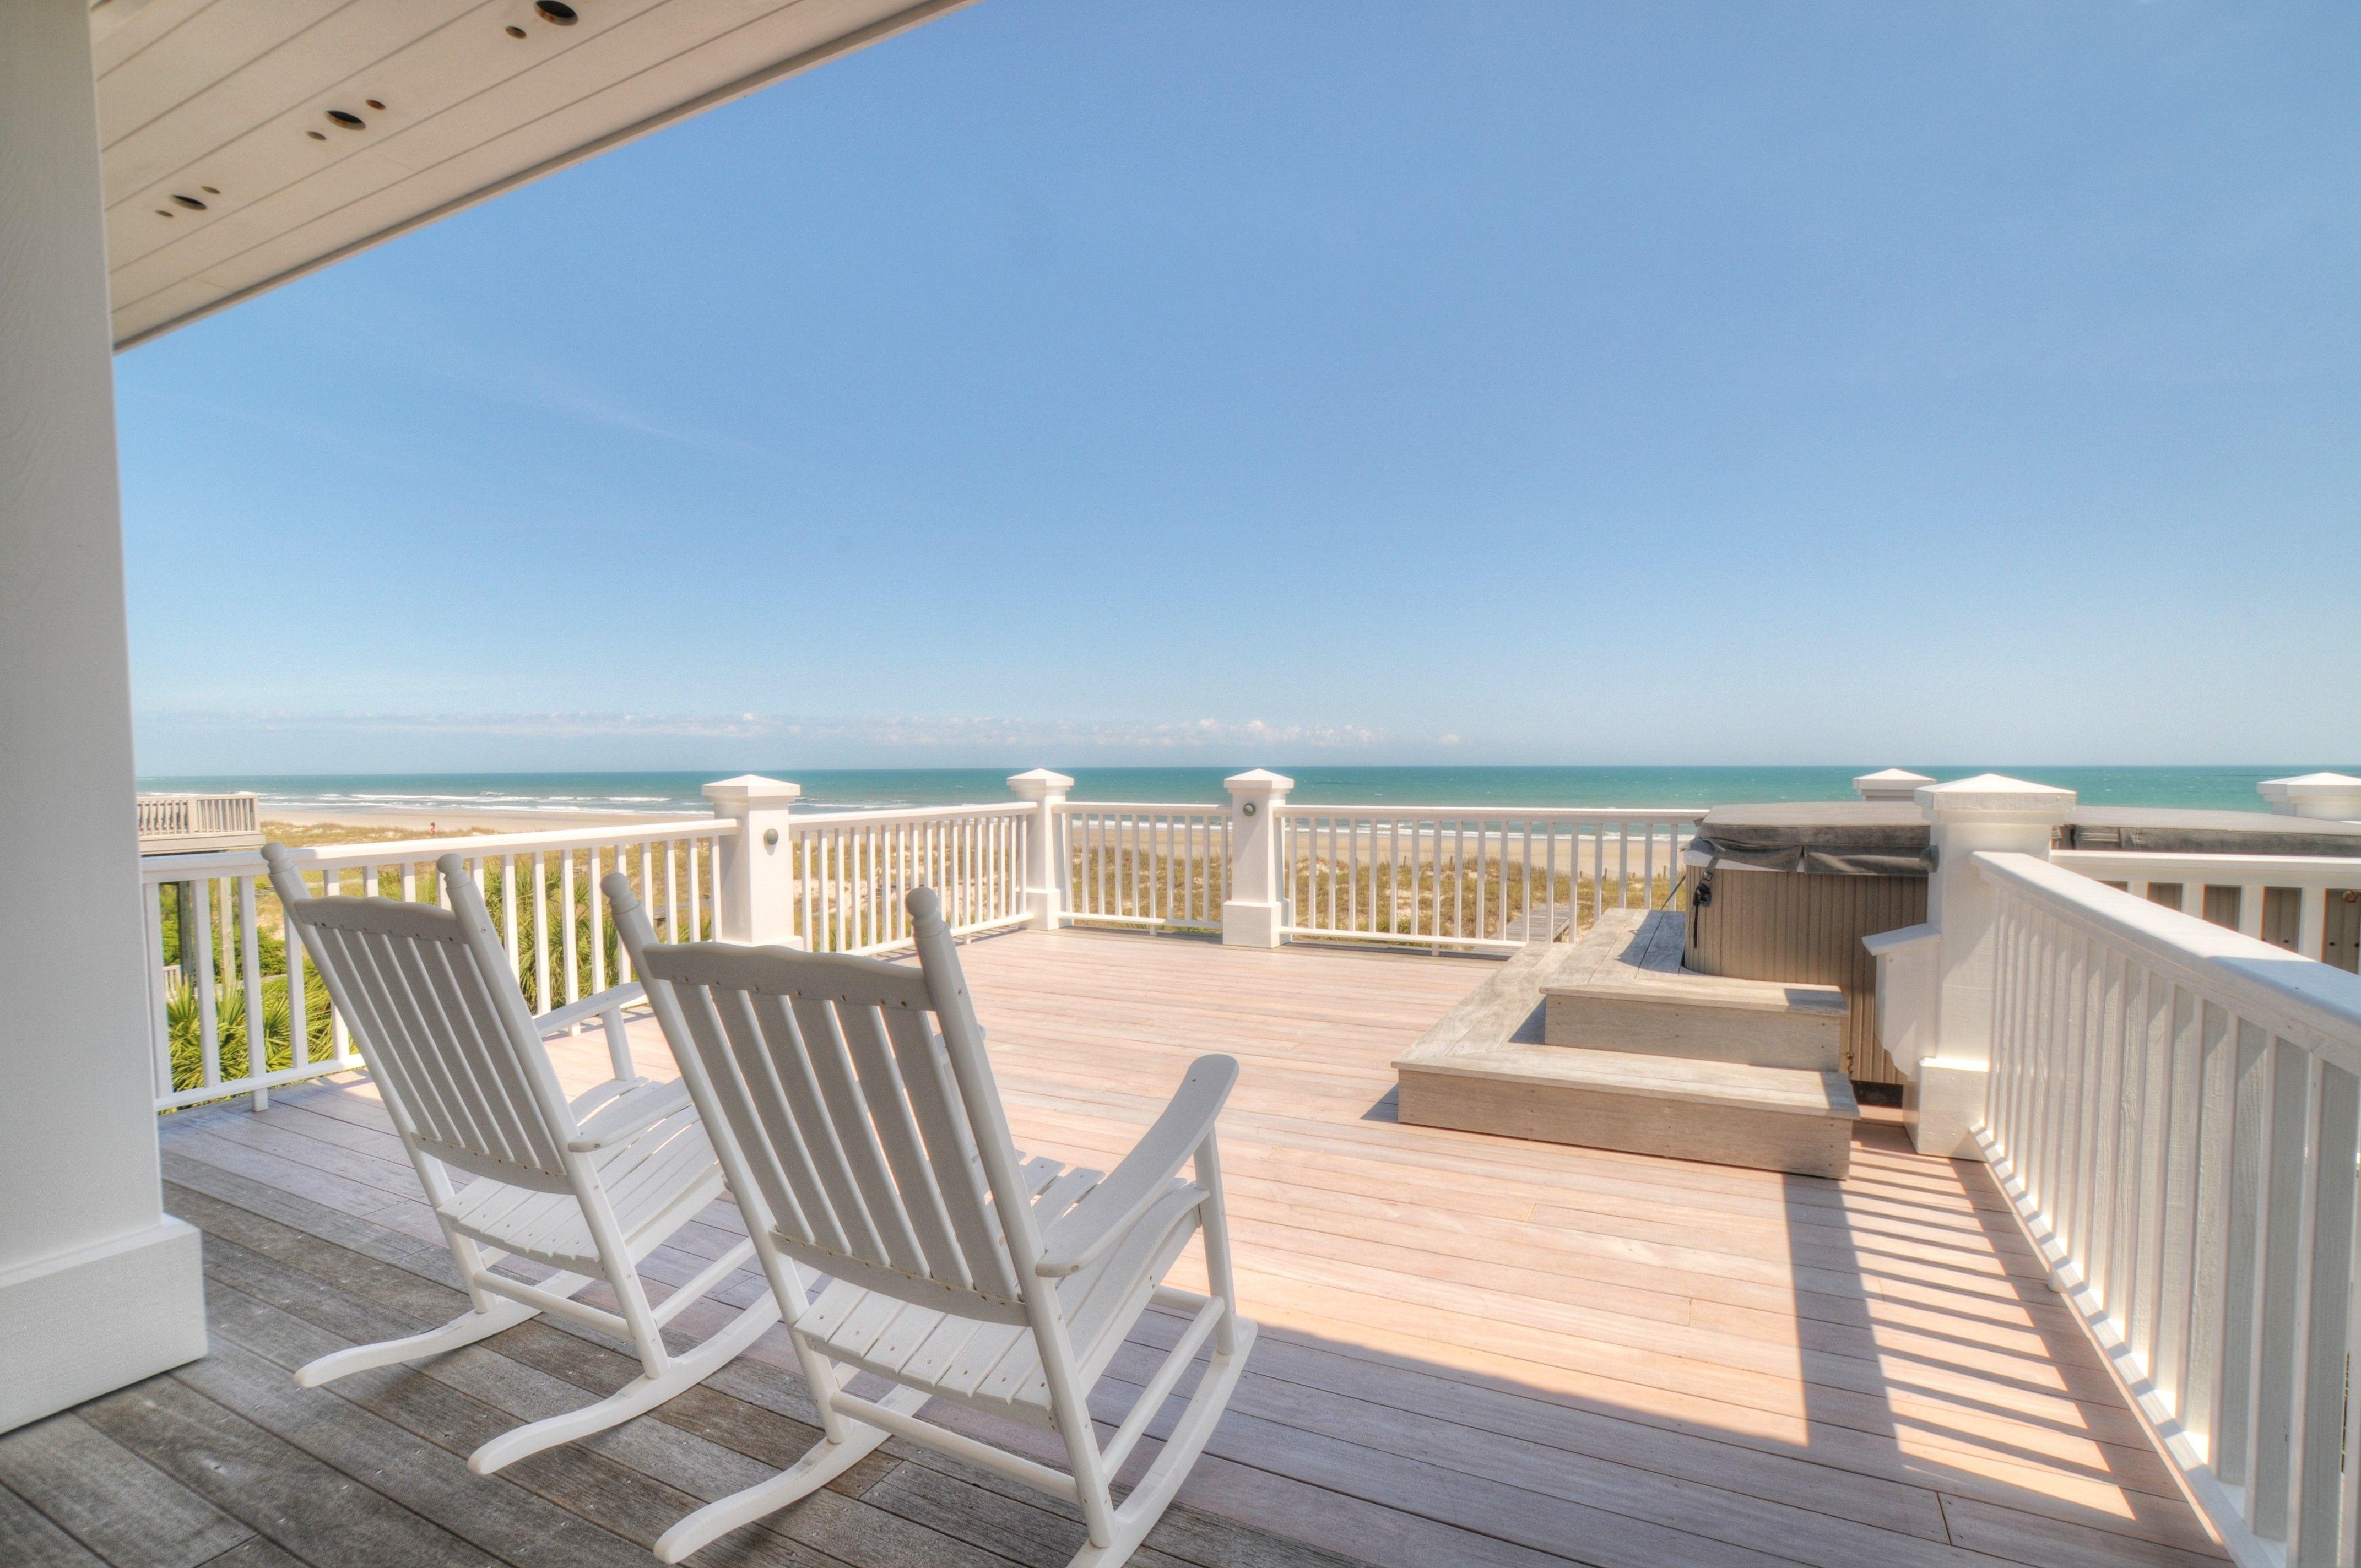 226 Beach Rd N - Virtual Tour   Outdoor living, Virtual ... on Virtual Patio Designer id=73938